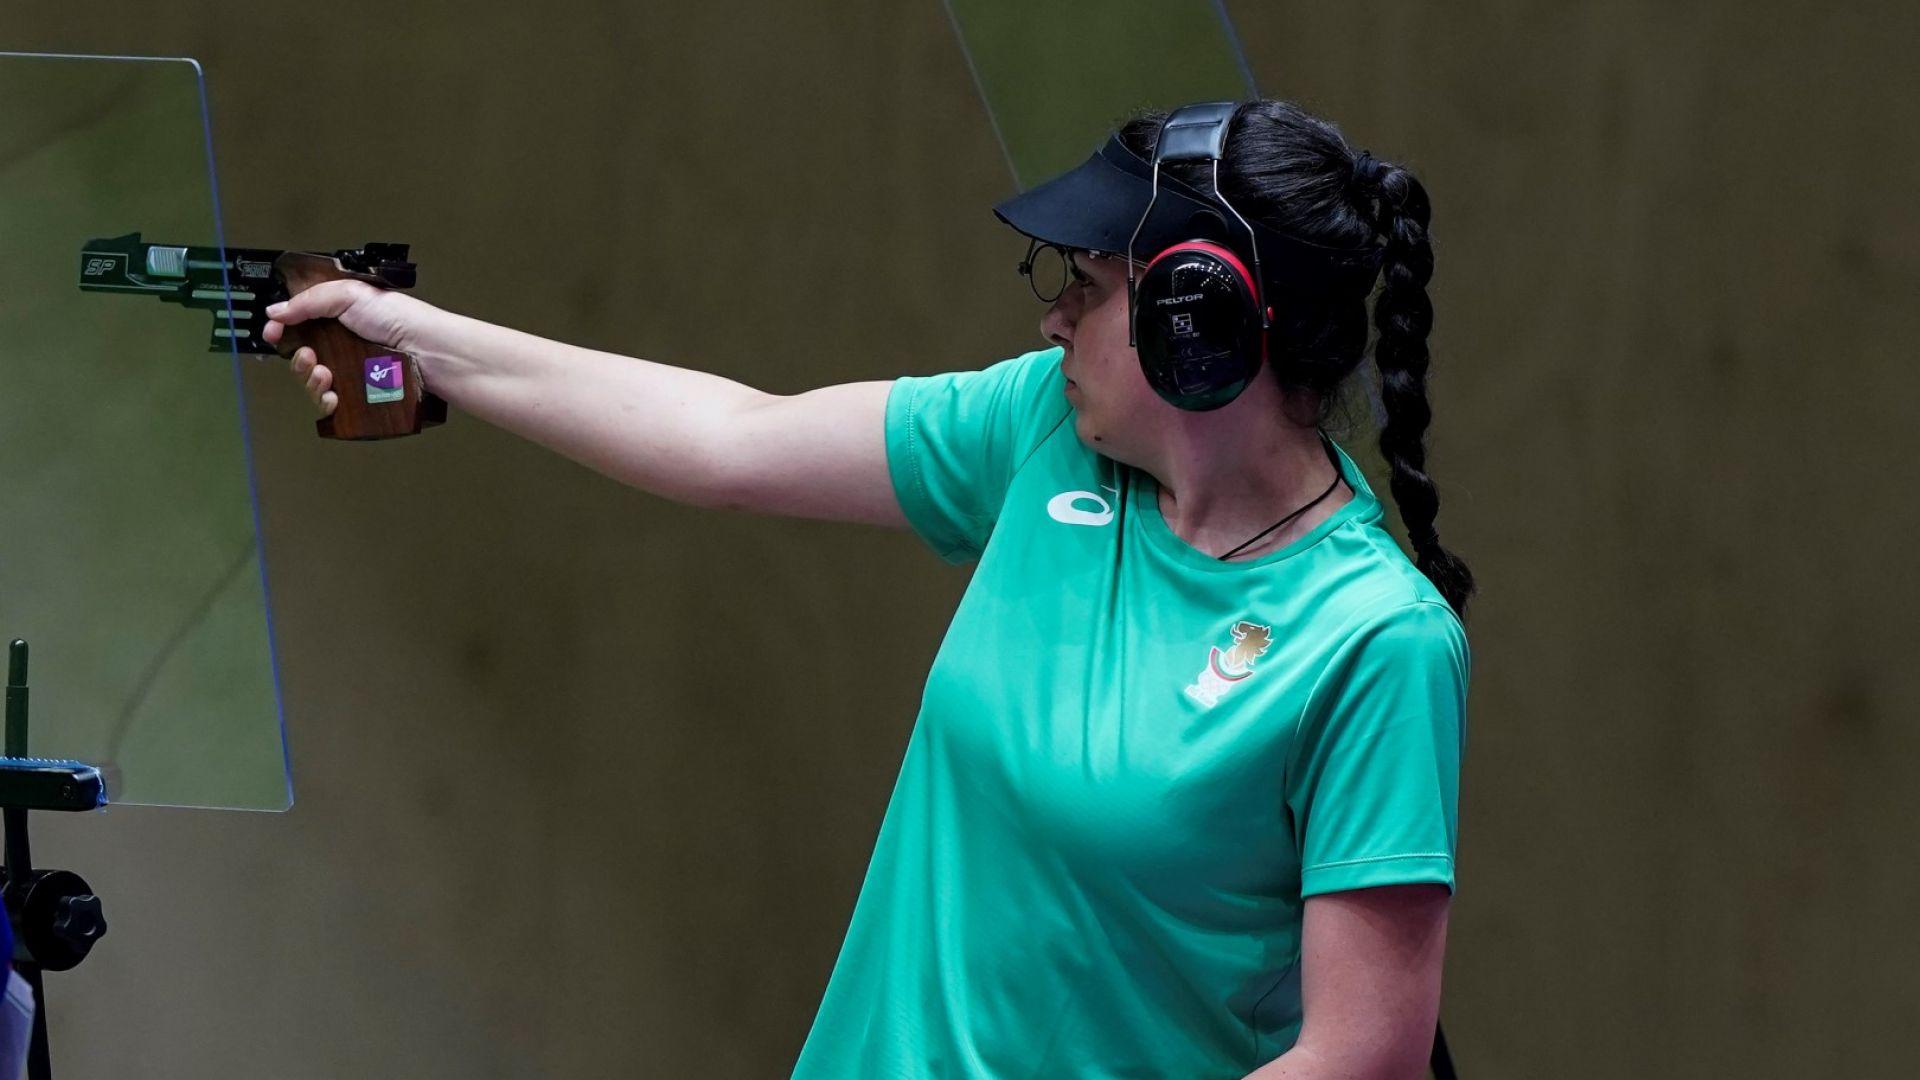 Антоанета Костадинова изпусна медал в инфарктна престрелка с китайка